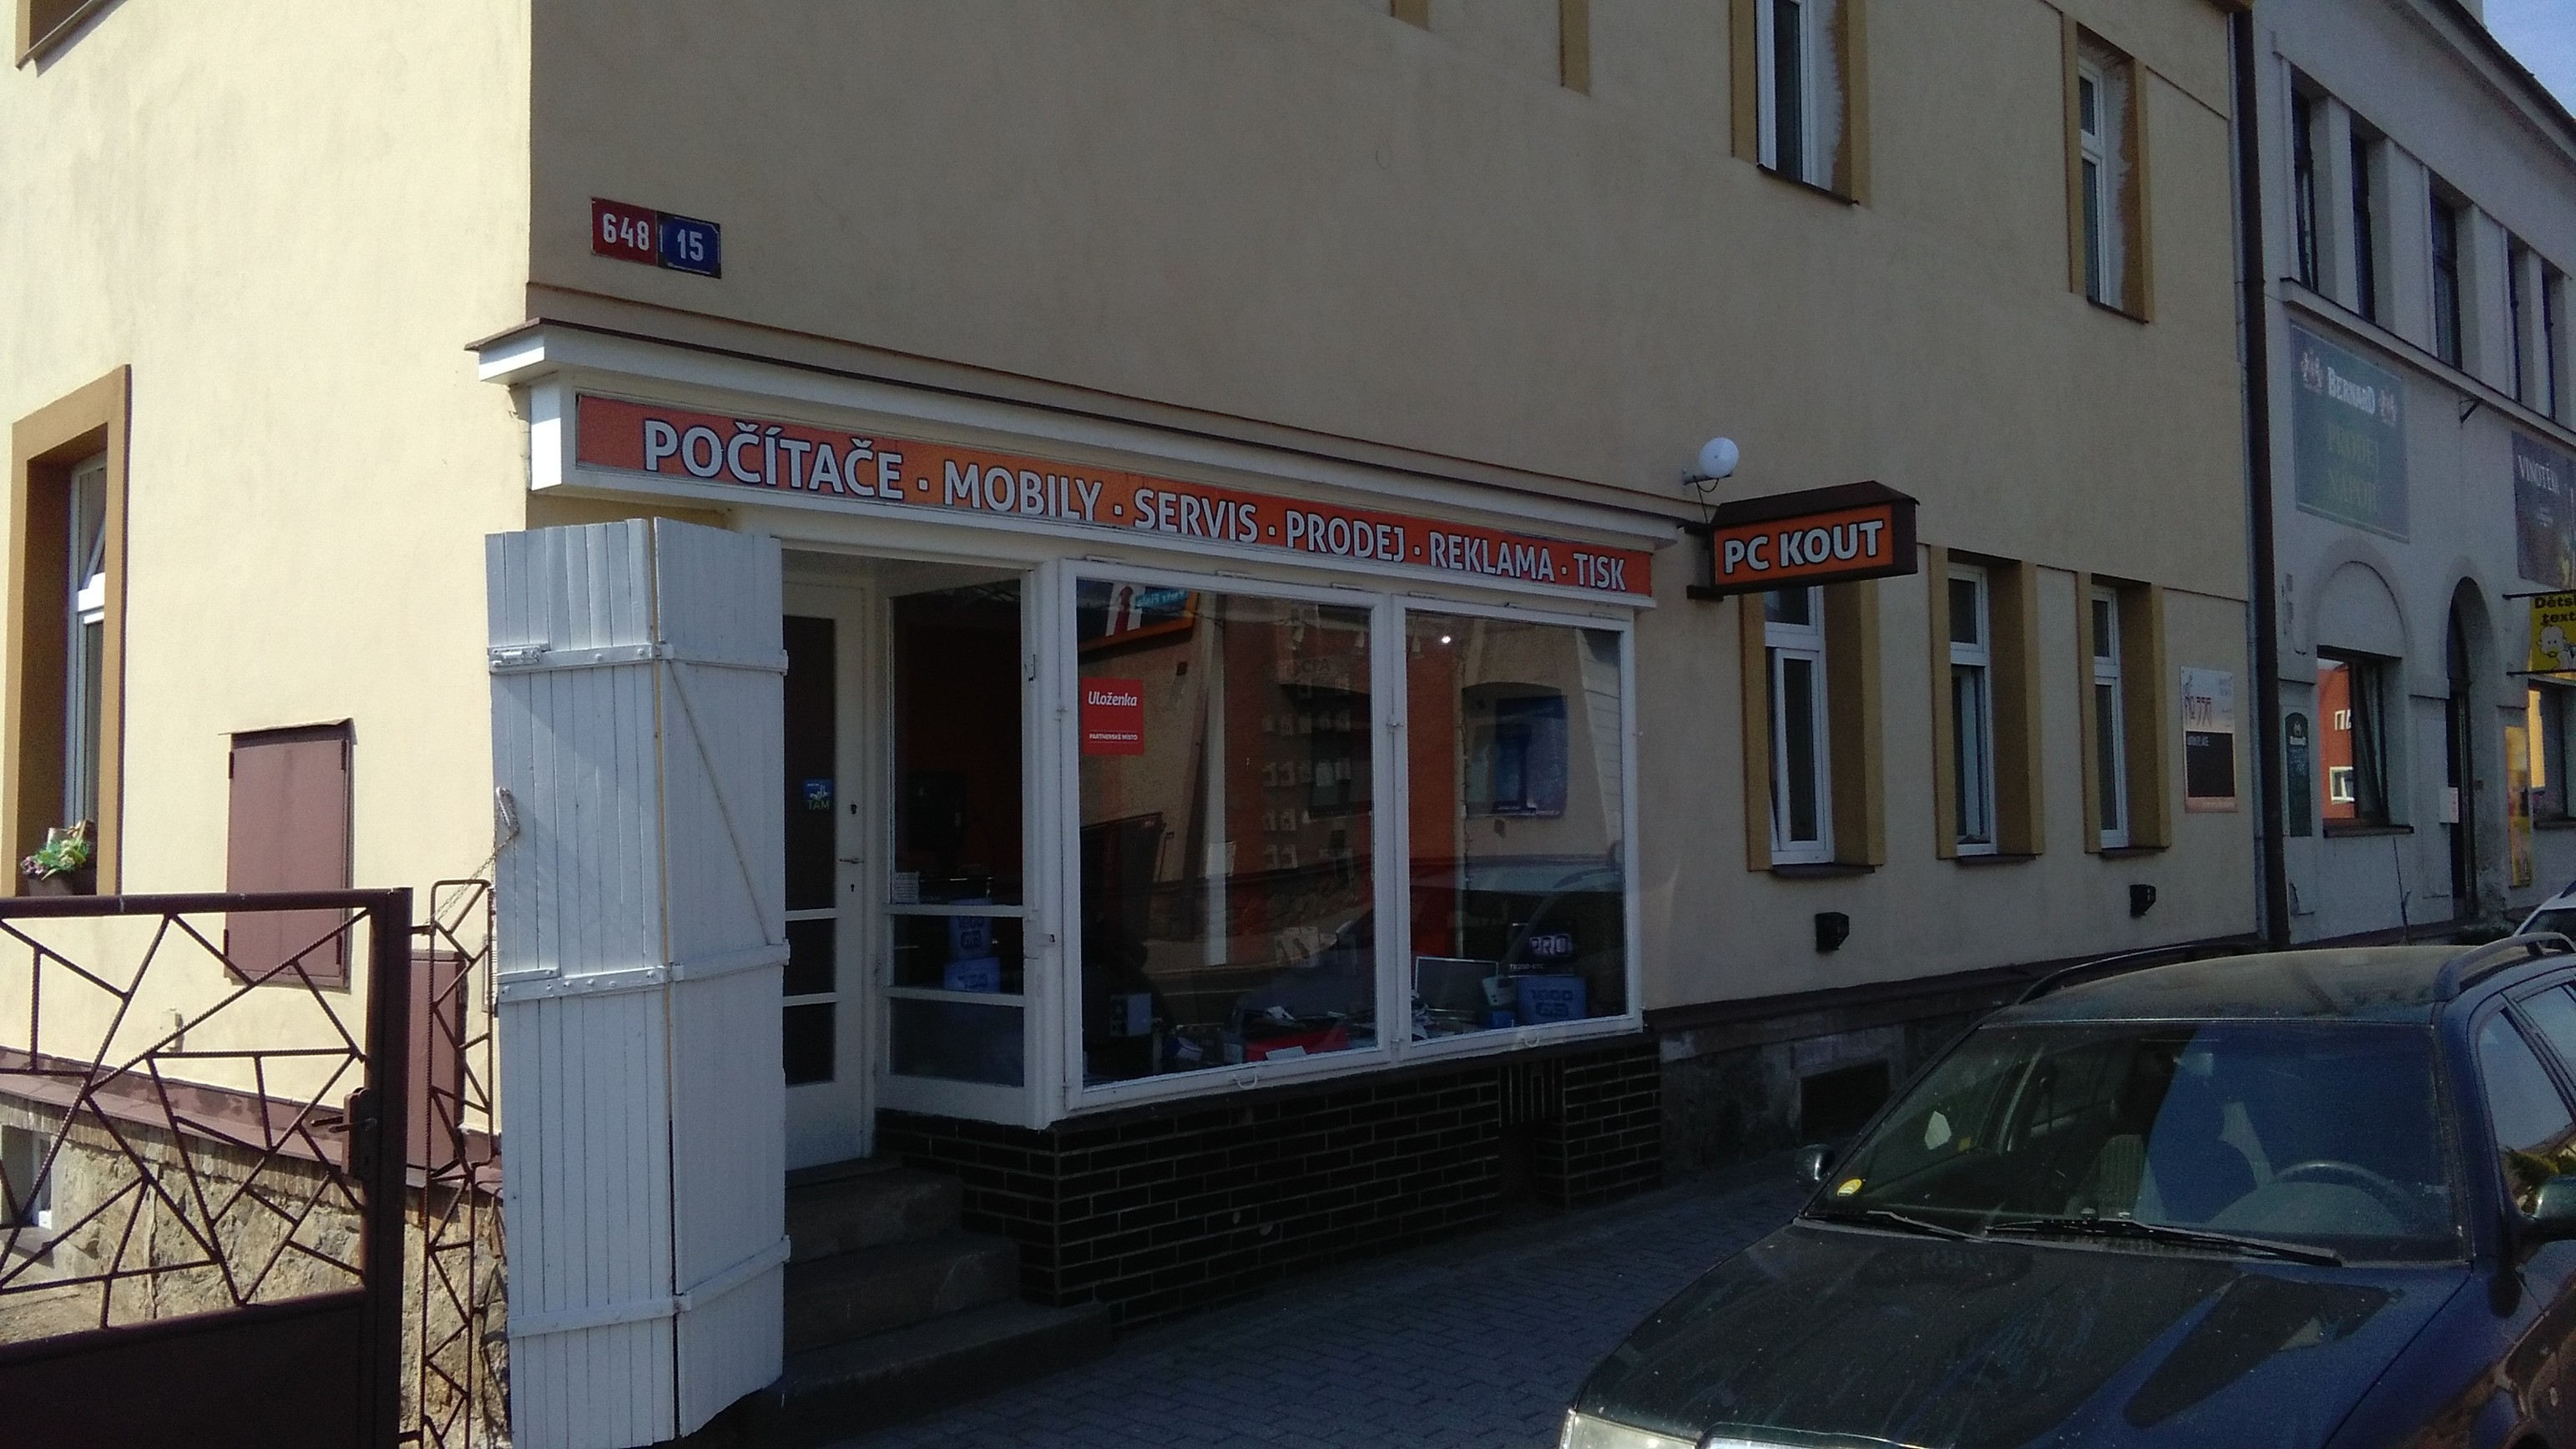 Pobočka Havlíčkův Brod, Humpolecká 648 (PC KOUT)